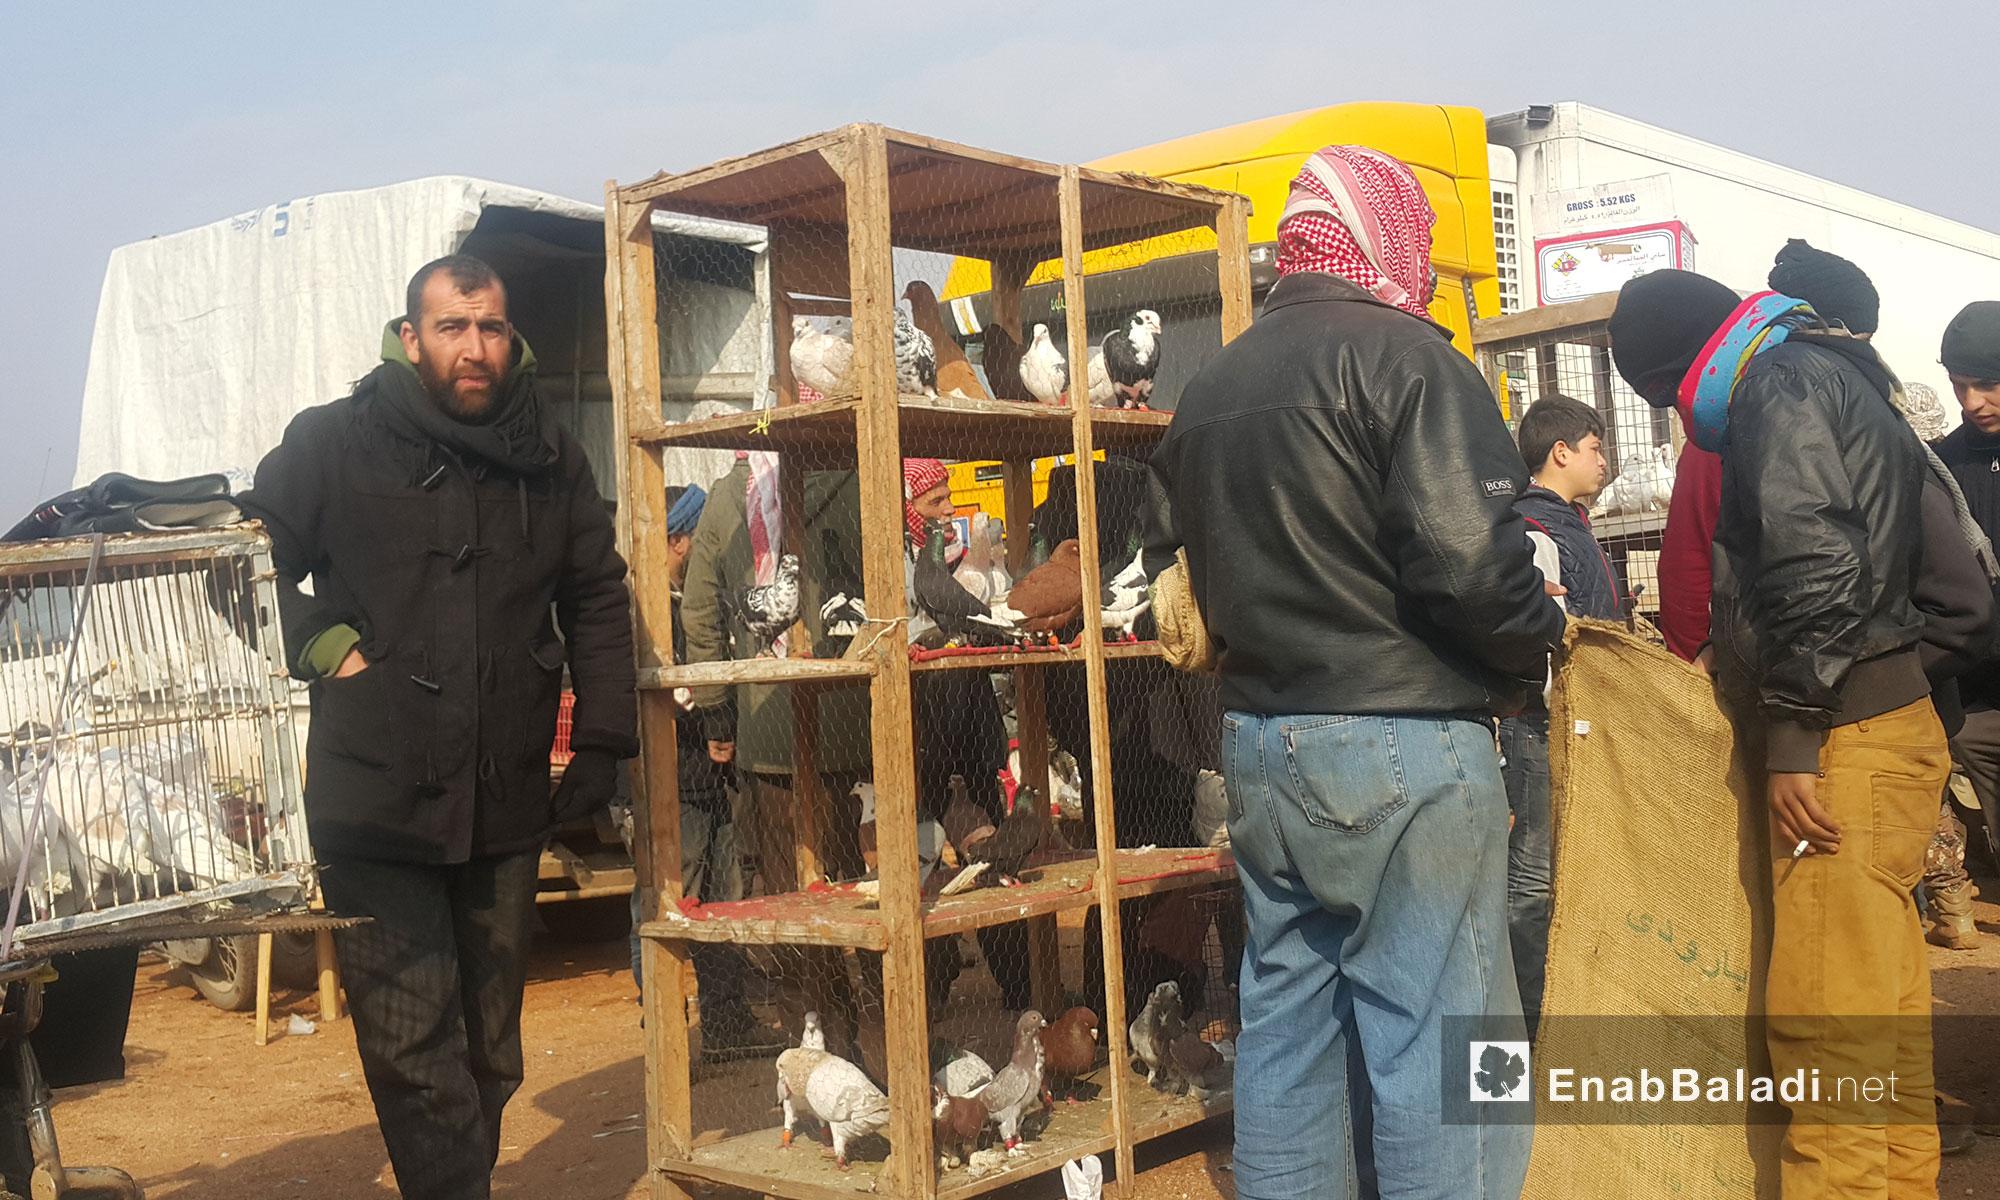 بائع طيور في السوق المخصص لها بمعرة مصرين - 20 كانون الثاني 2017 (عنب بلدي)